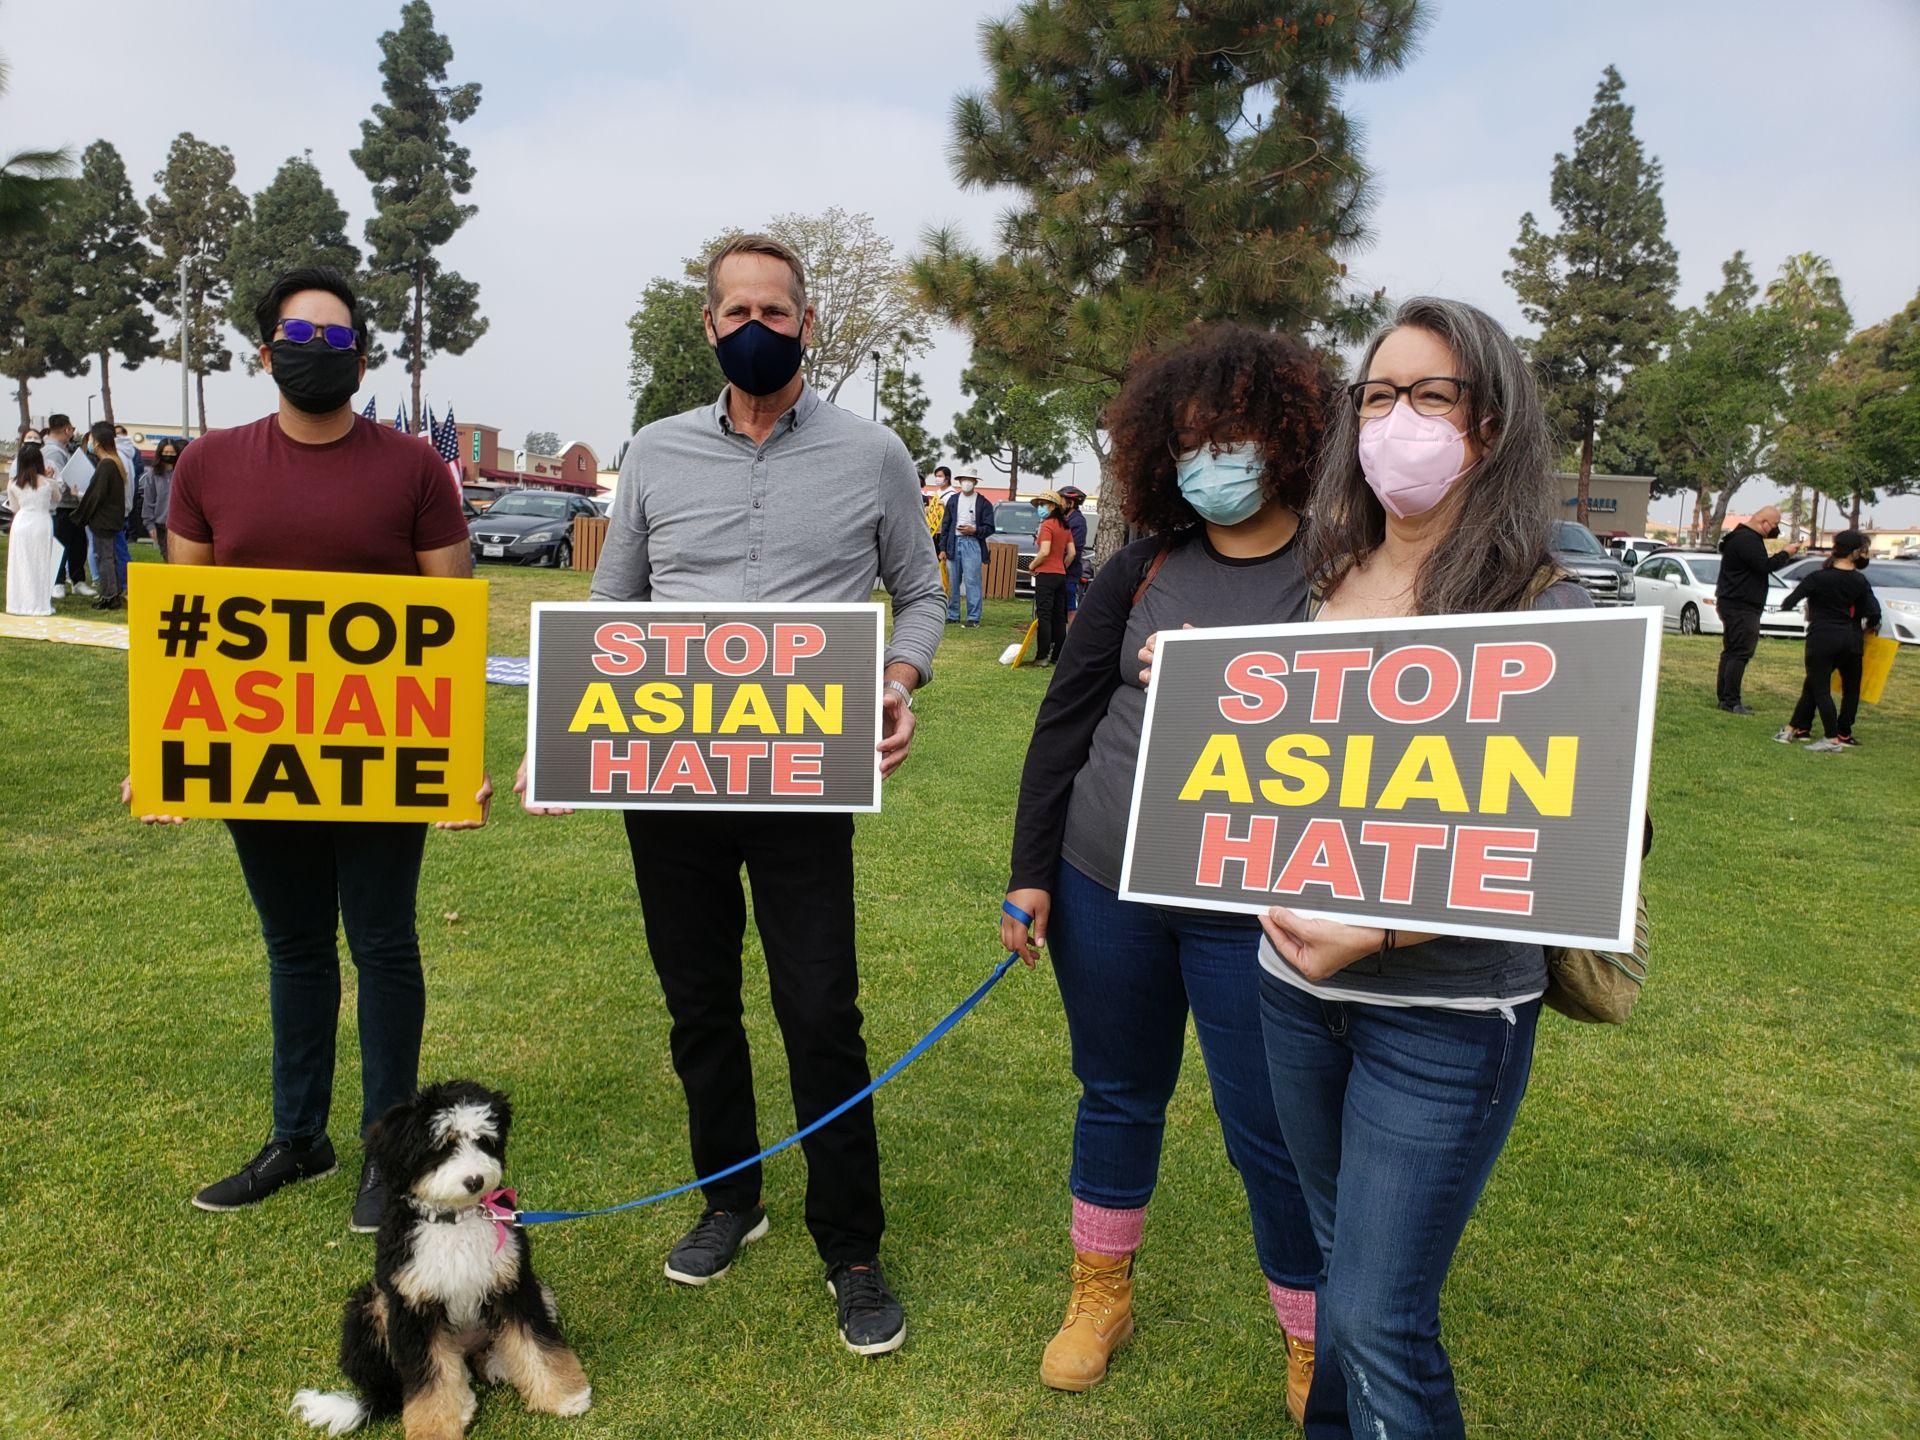 2 người ở Seattle, San Francisco đối mặt với cáo buộc về tội ác kỳ thị chống người châu Á